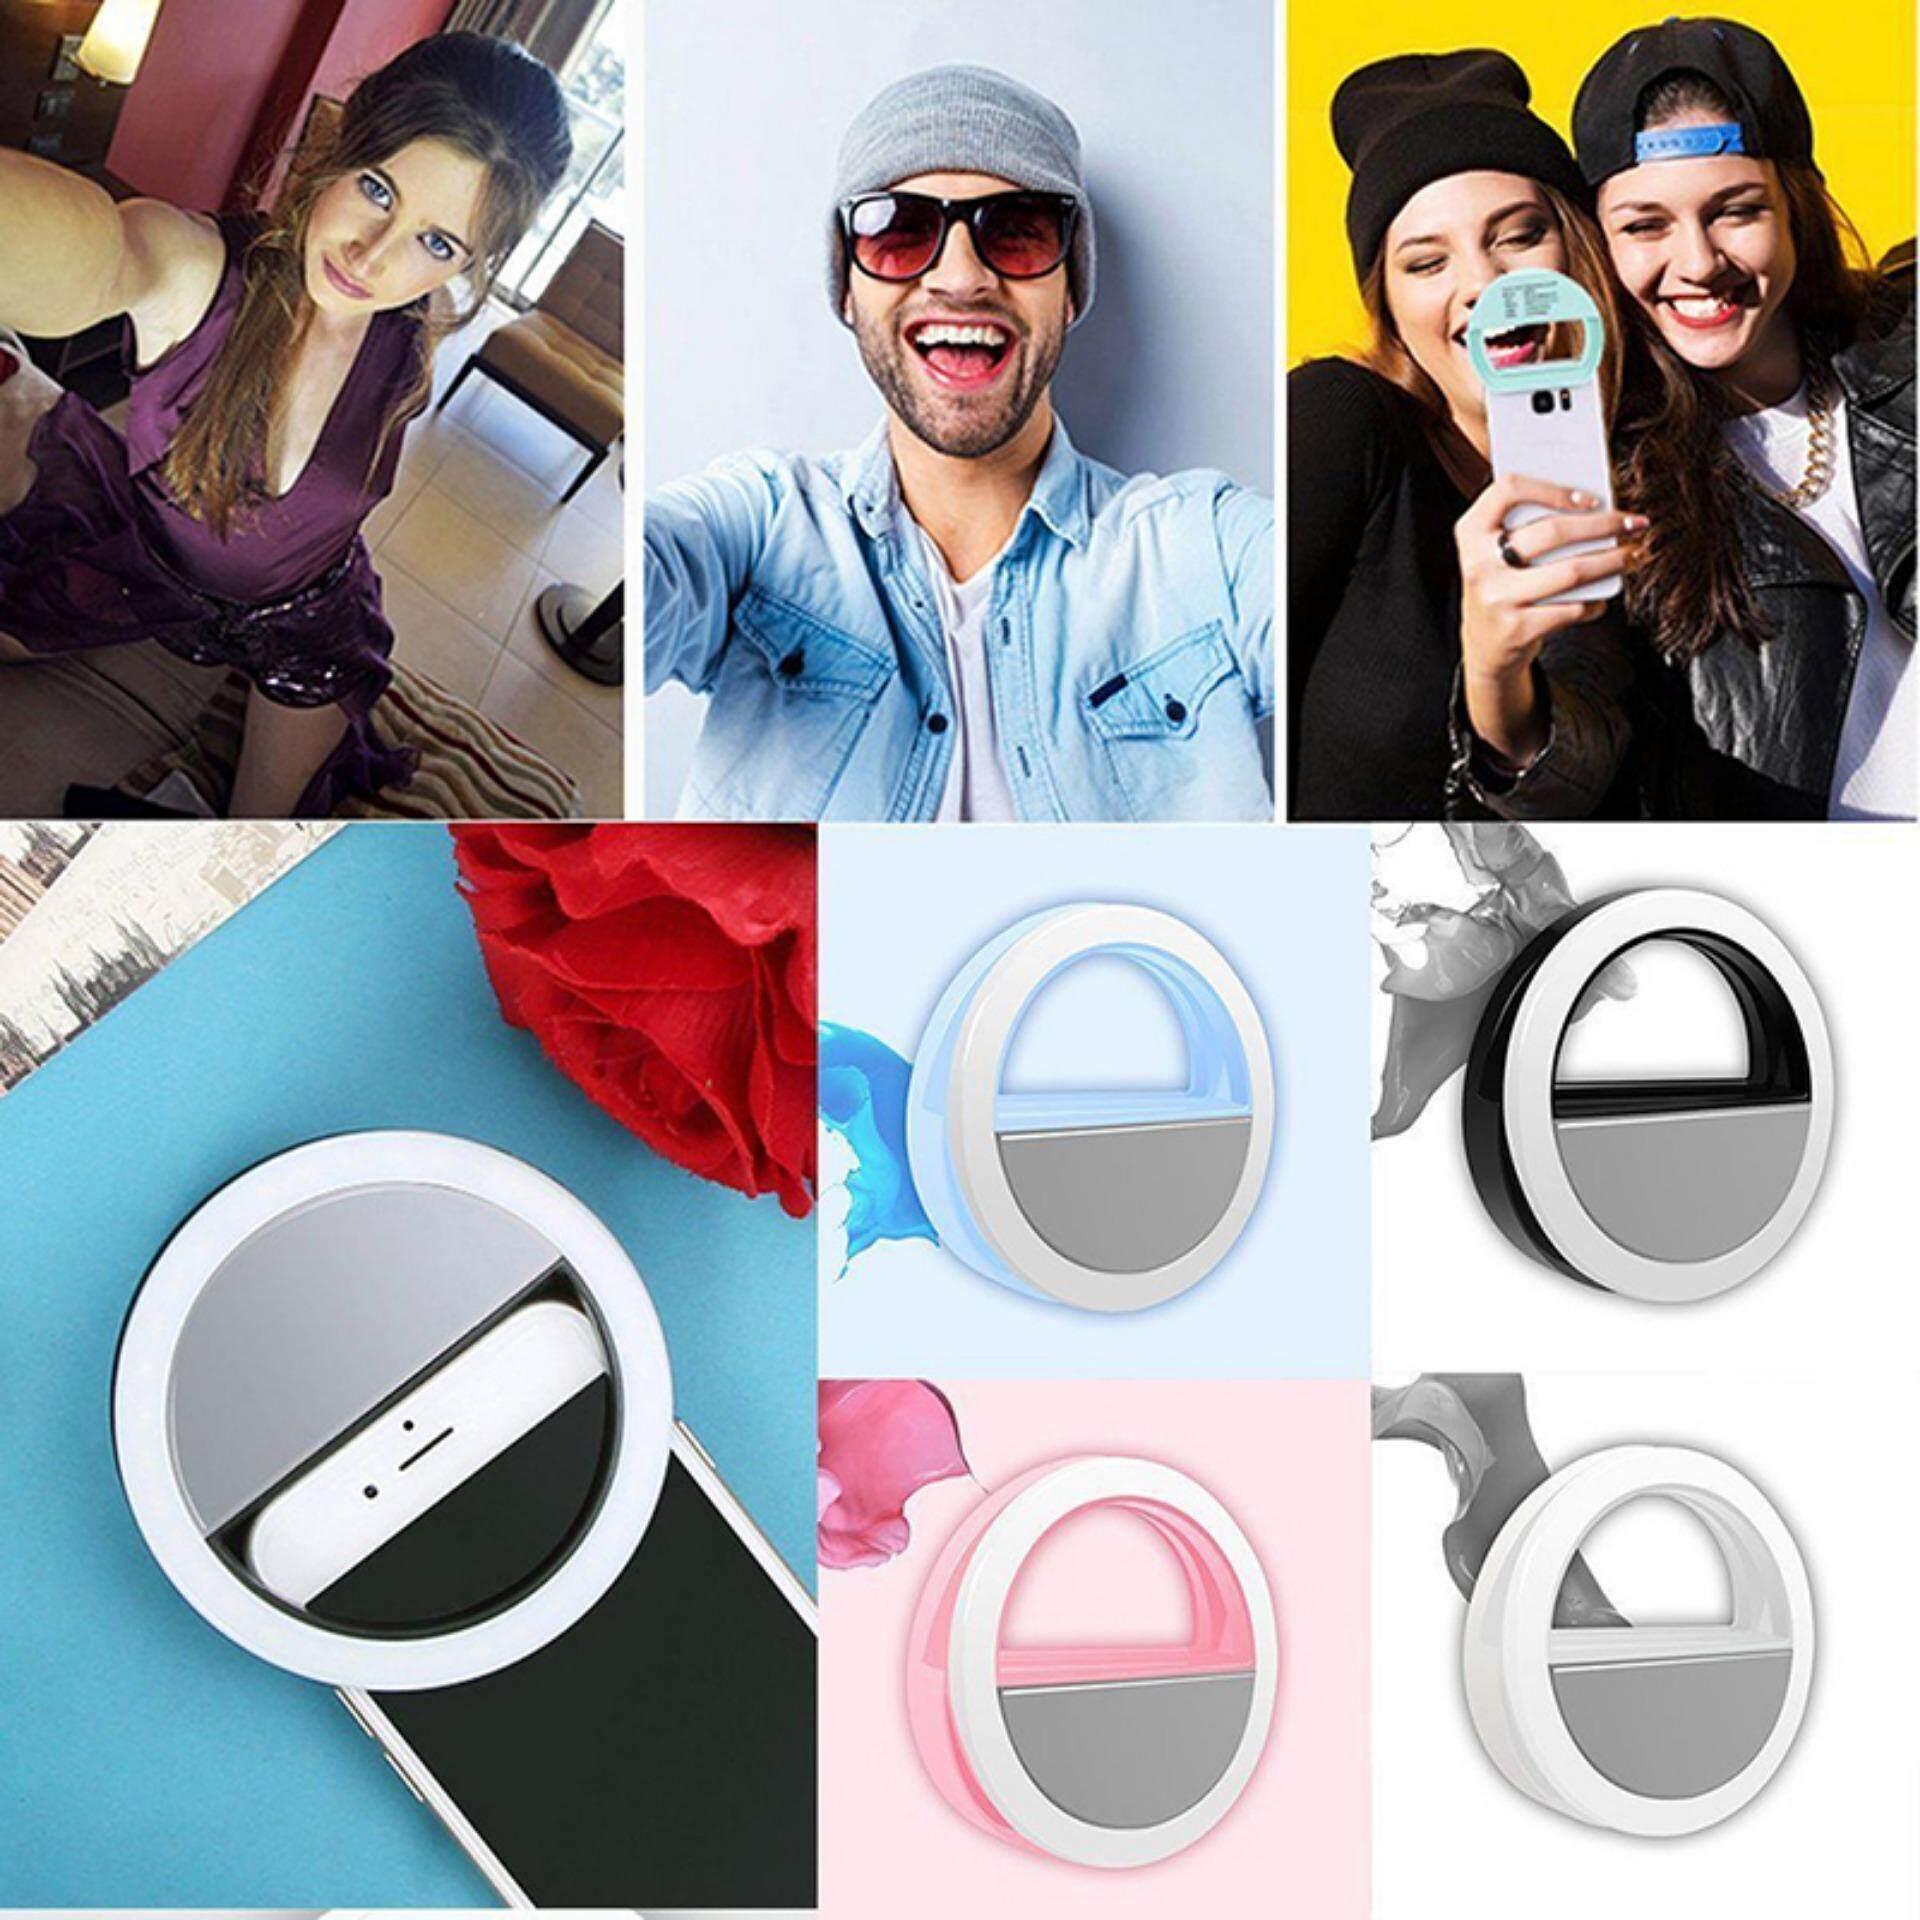 Gậy chụp hình Selfie LED Flash Vòng Lấp Đầy Kẹp Camera Cho Điện Thoại Máy Tính Bảng IPhone Samsung USB